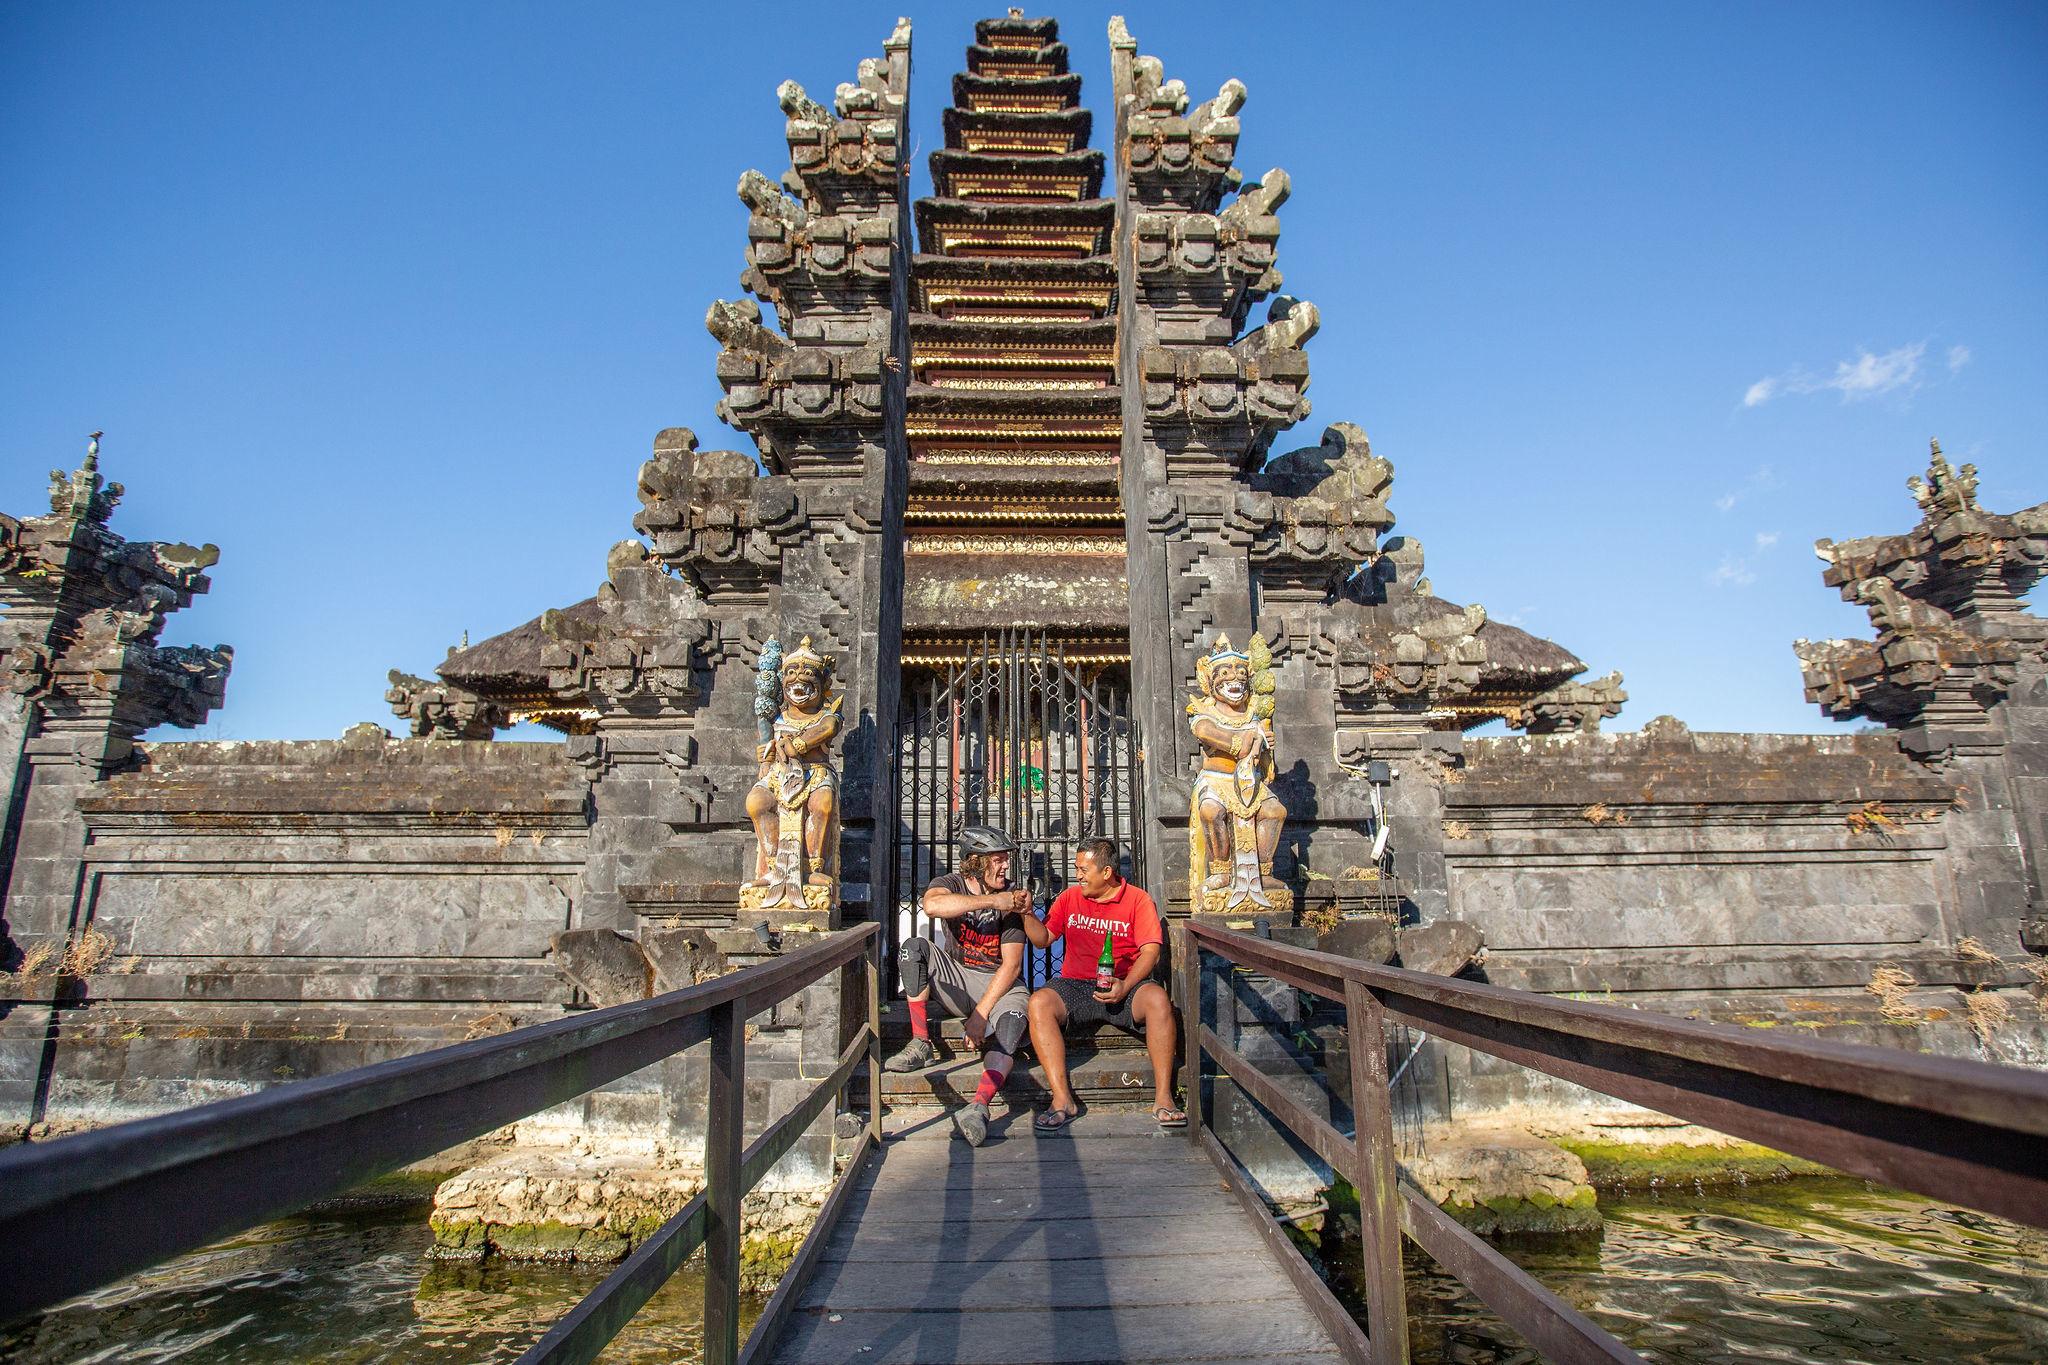 TheWrightLine-Bali-Stills-58-2048x1365-d385856c-90c8-42a7-bfc5-51c0c3fc928a.jpg